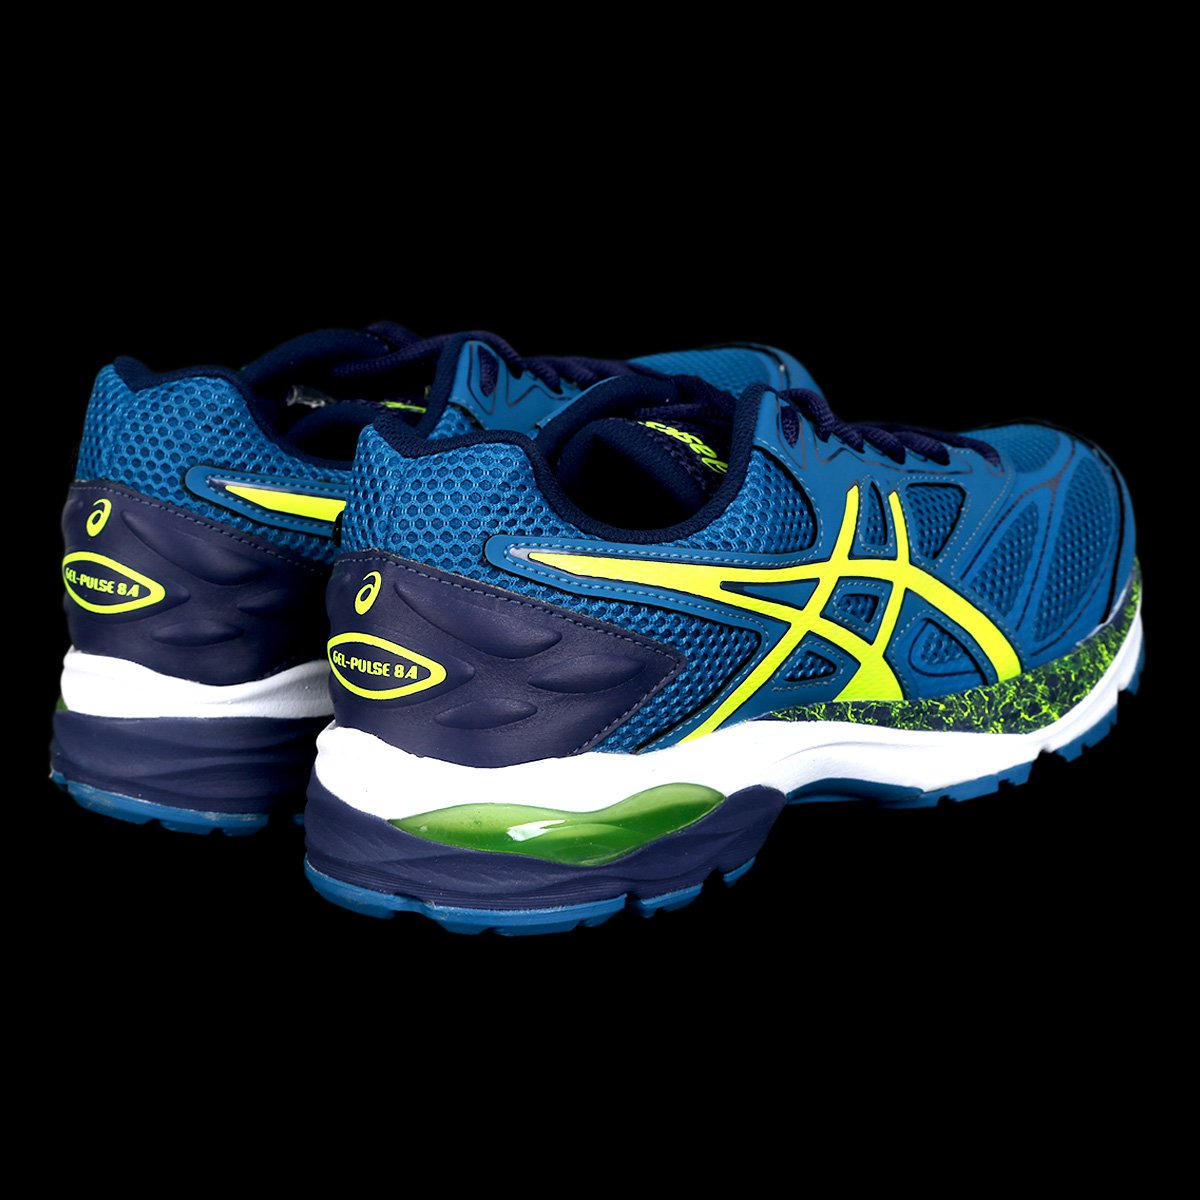 ... Tênis Asics Gel Pulse 8 A Masculino - Azul e amarelo - Compre Agora . f95449ed68a5d